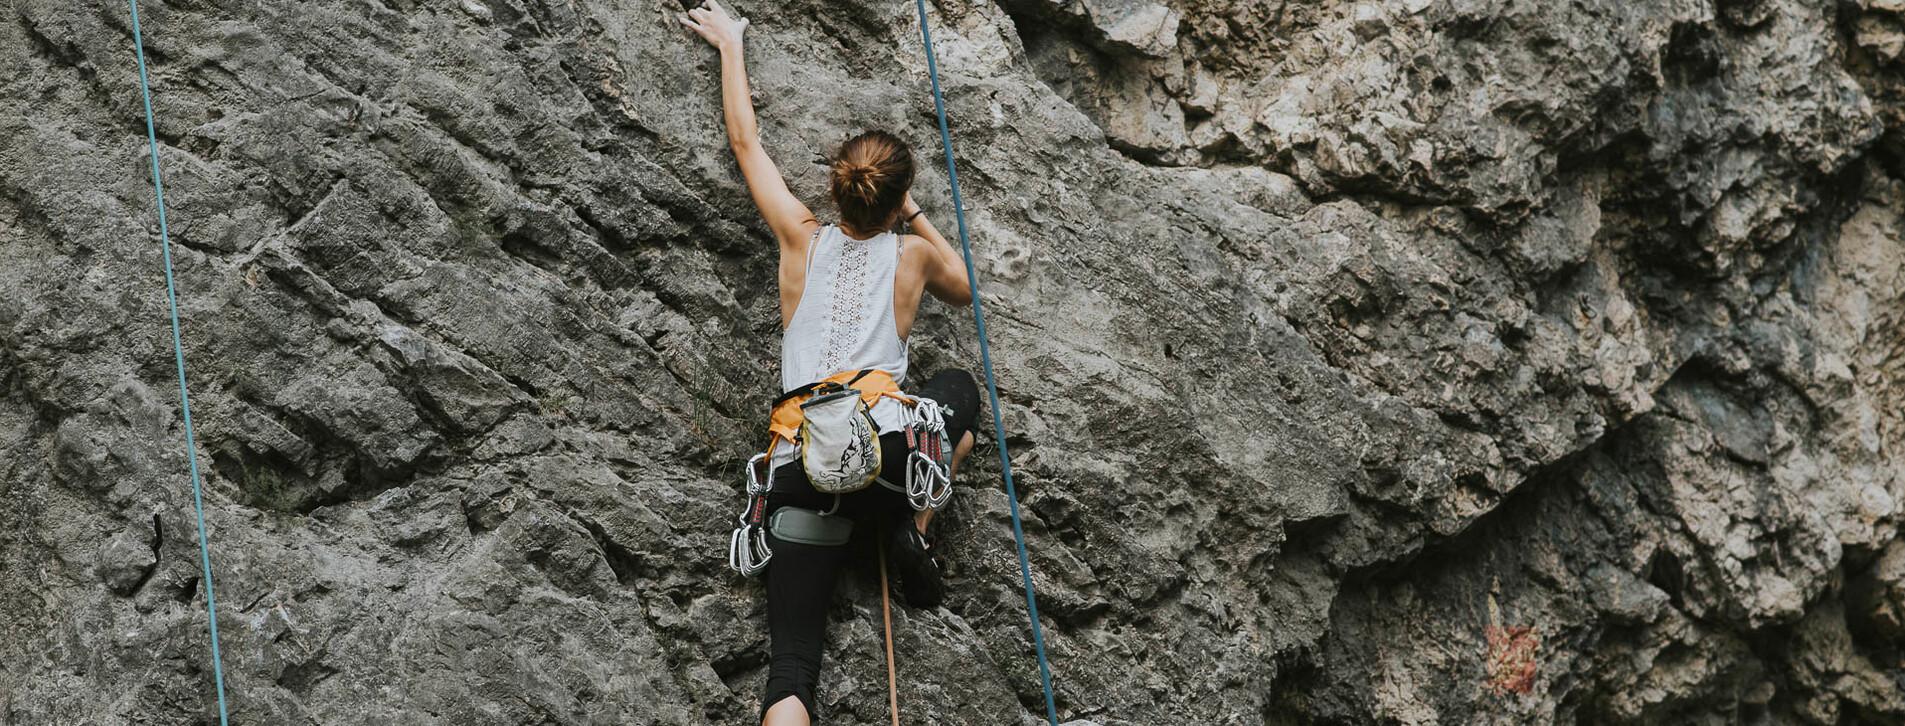 Fotoğraf - İki Kişi için Kaya Tırmanış Eğitimi